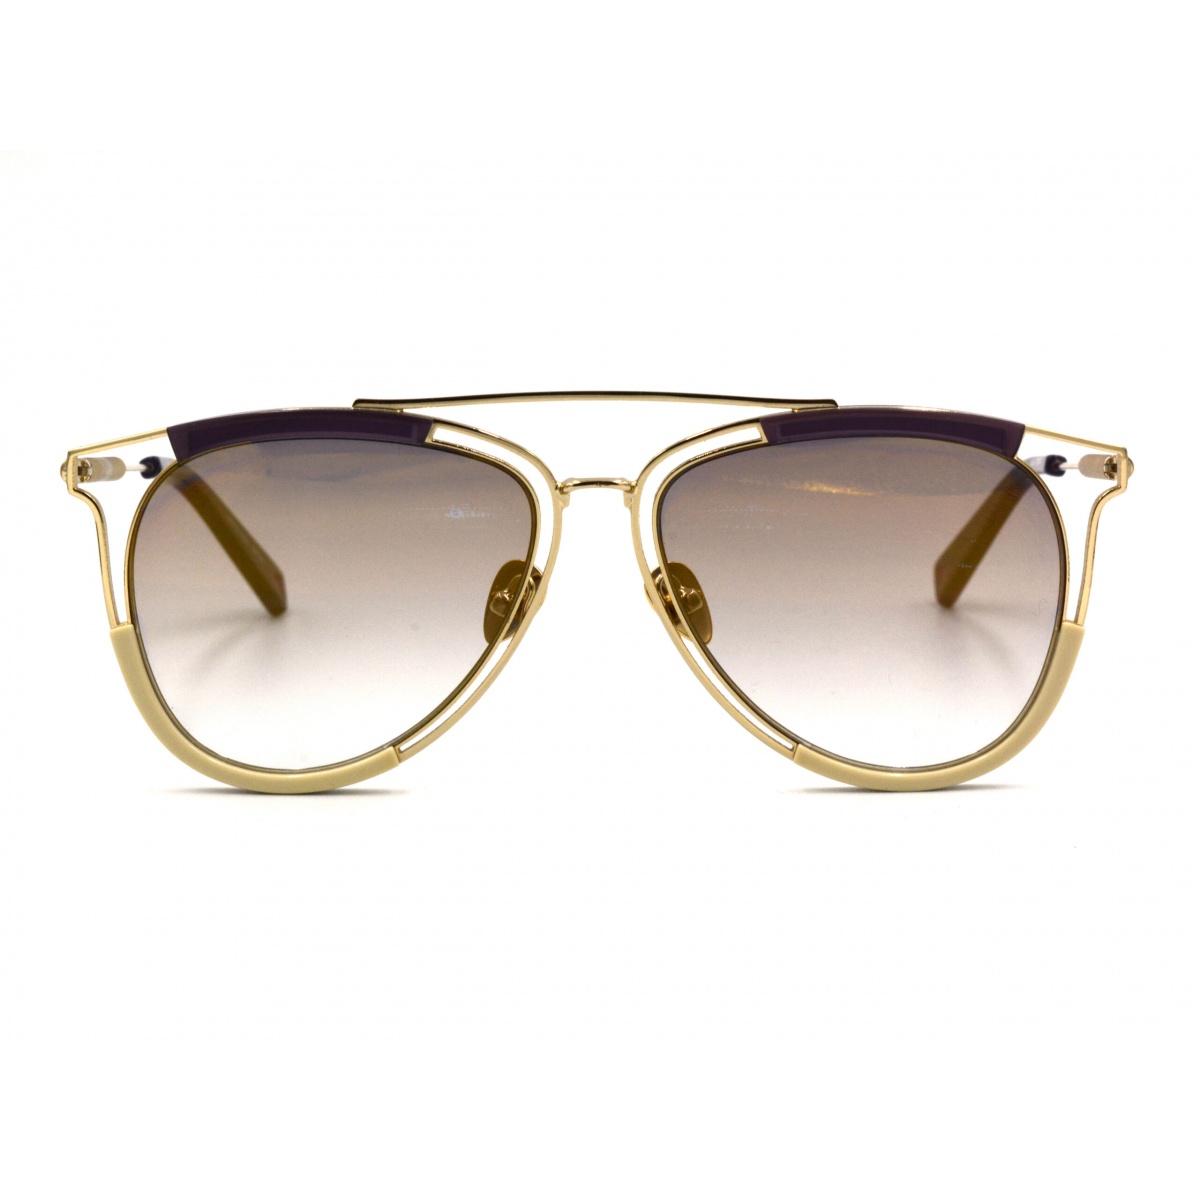 Γυαλιά ηλίου HAZE COLLECTION NEW YORK ARCH-2GD 55-16-145